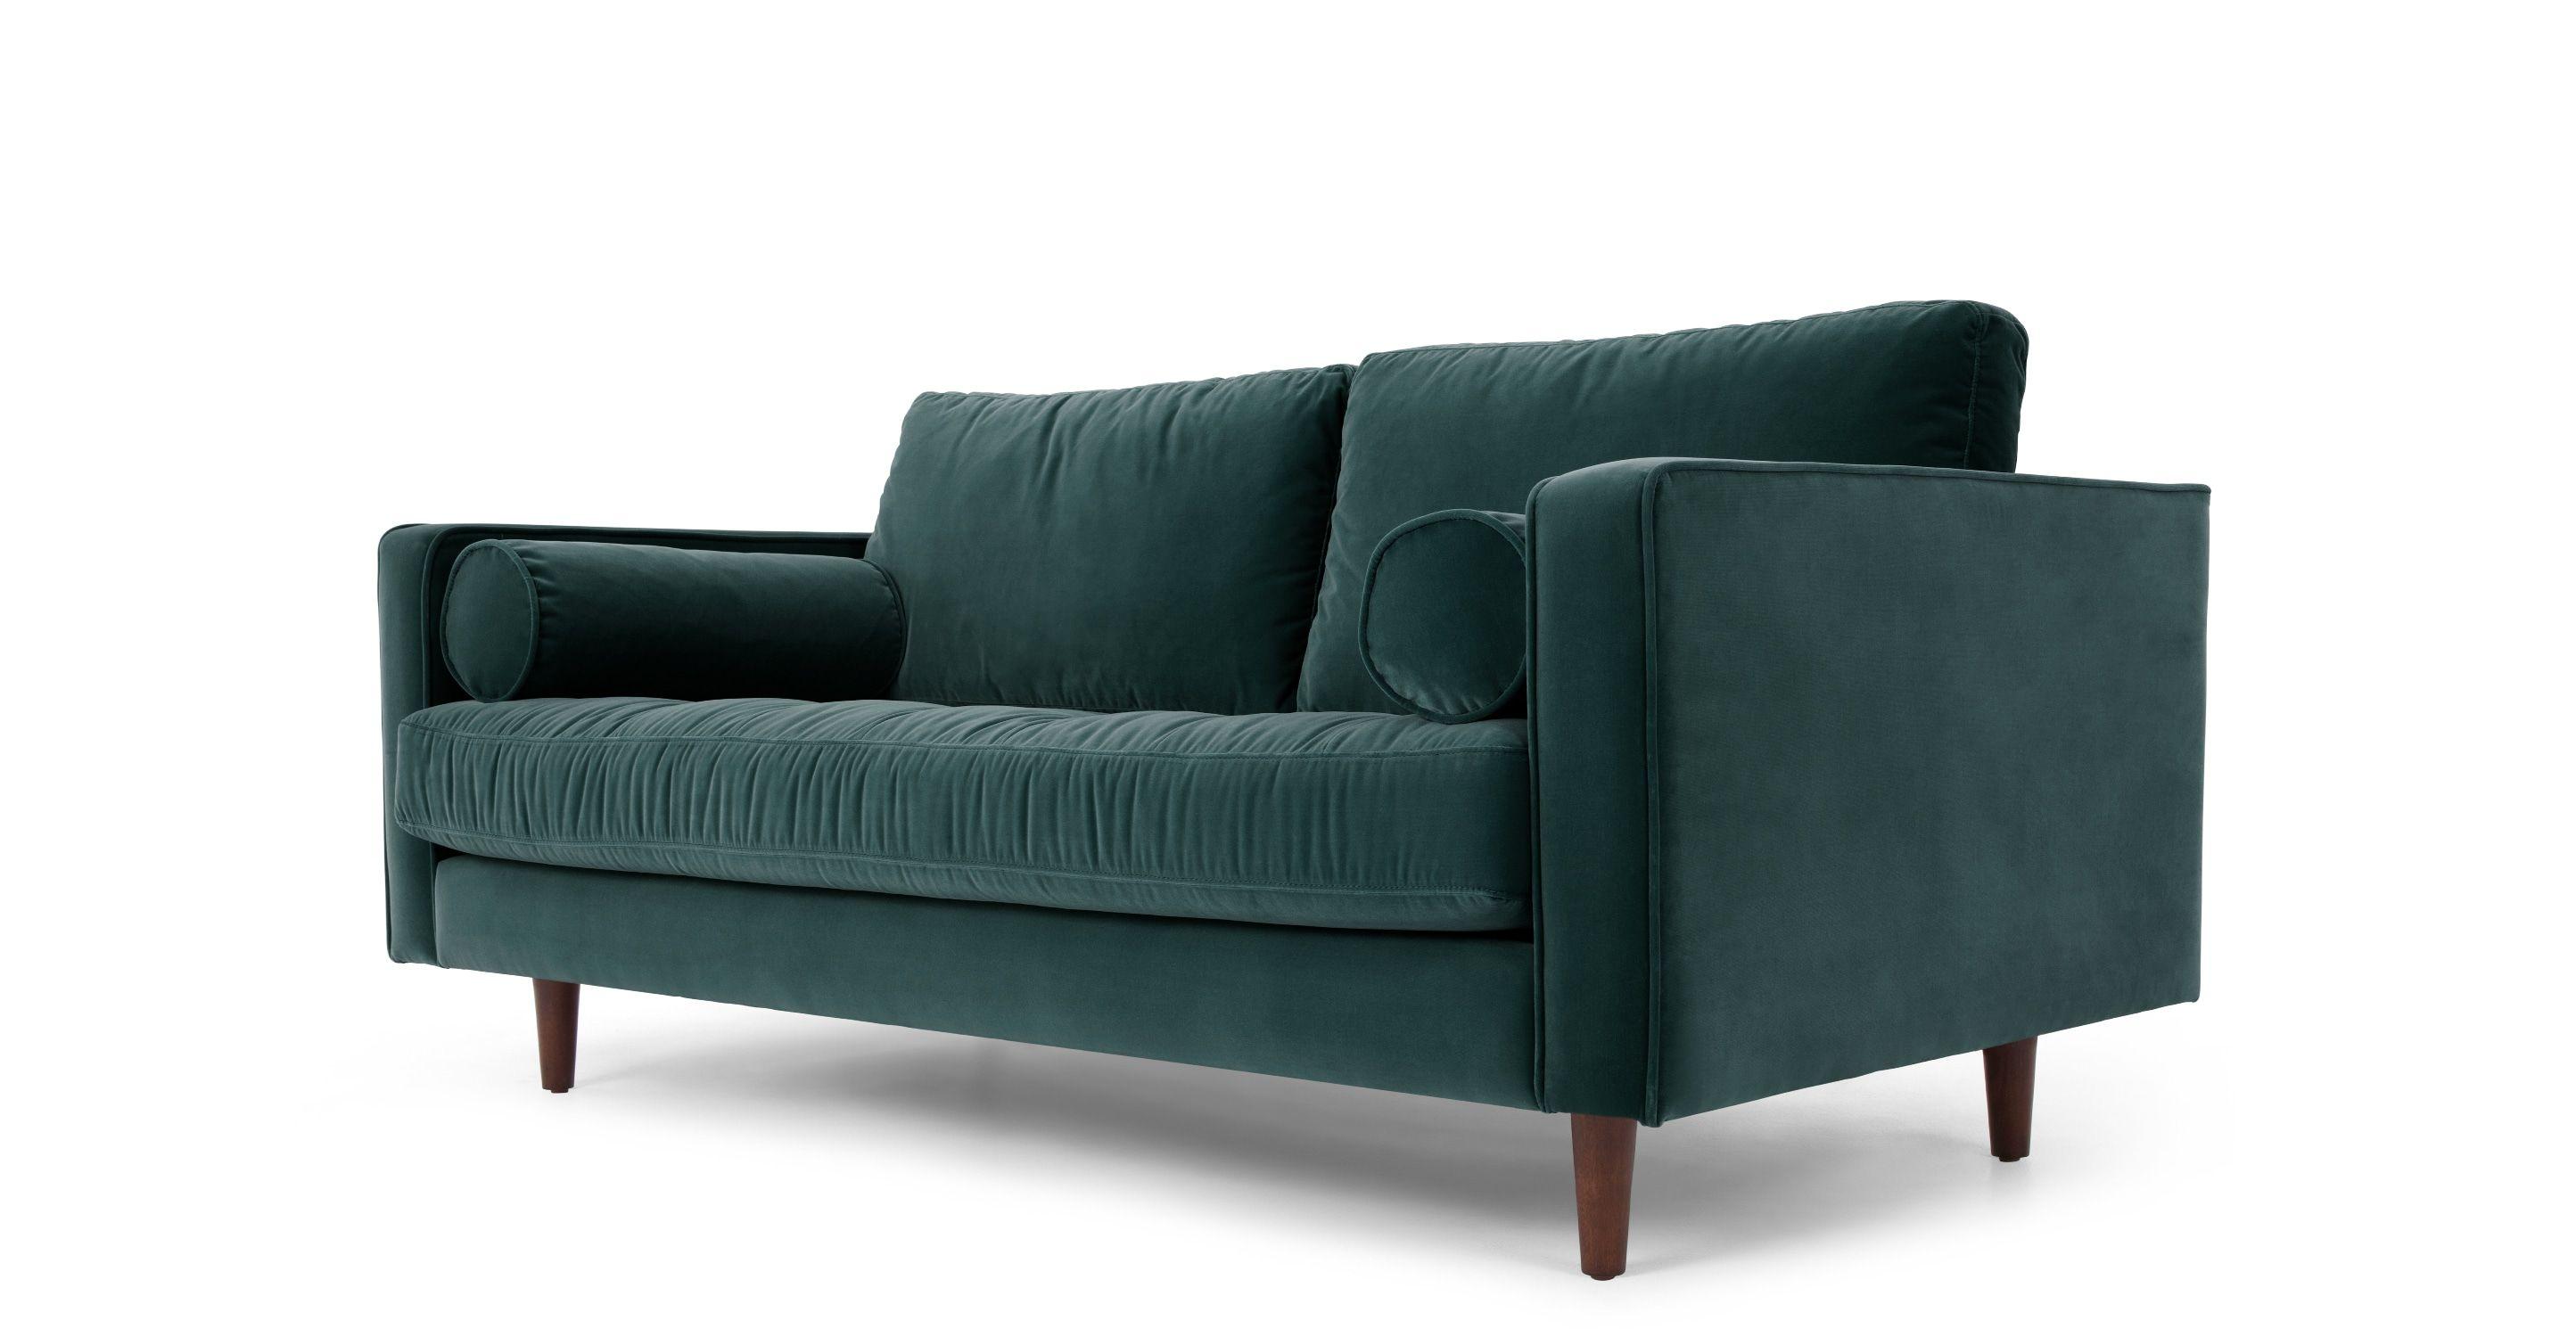 Sofa Samt stylish 2 sitzer sofas breites 2 sitzer sofa samt in